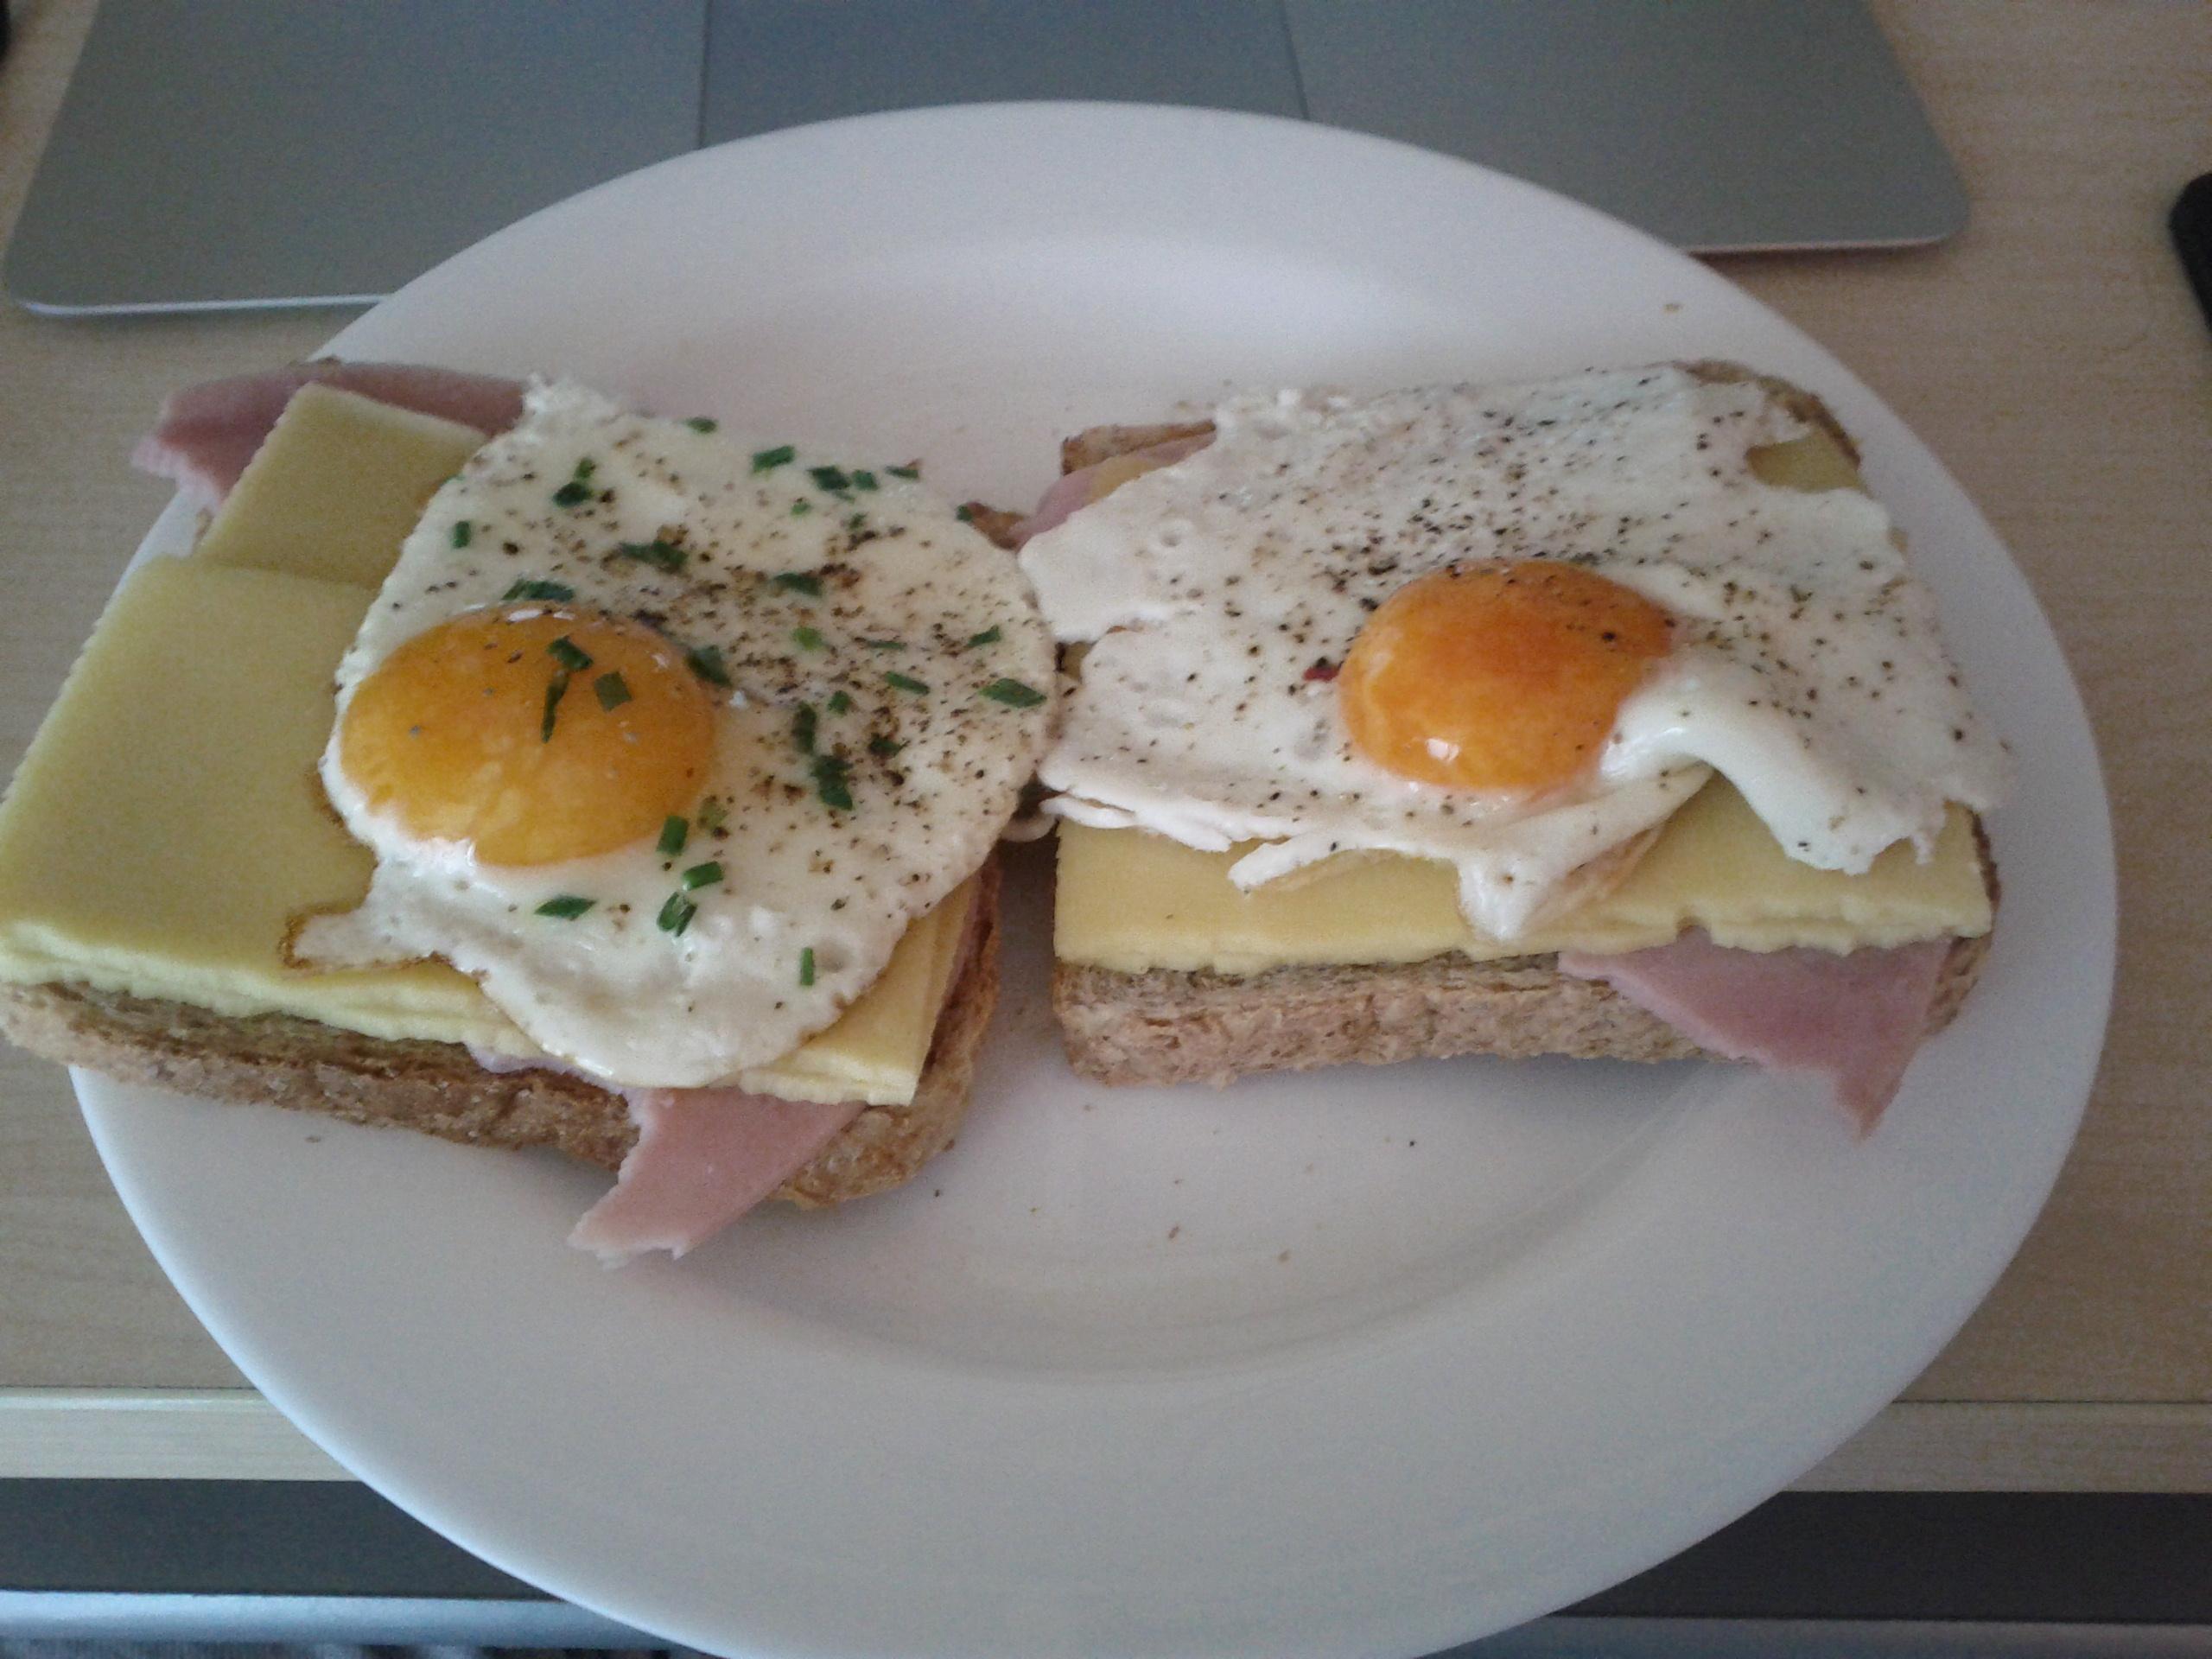 https://foodloader.net/bl1nk_2012-02-08_Fruehstueckstoast.jpg